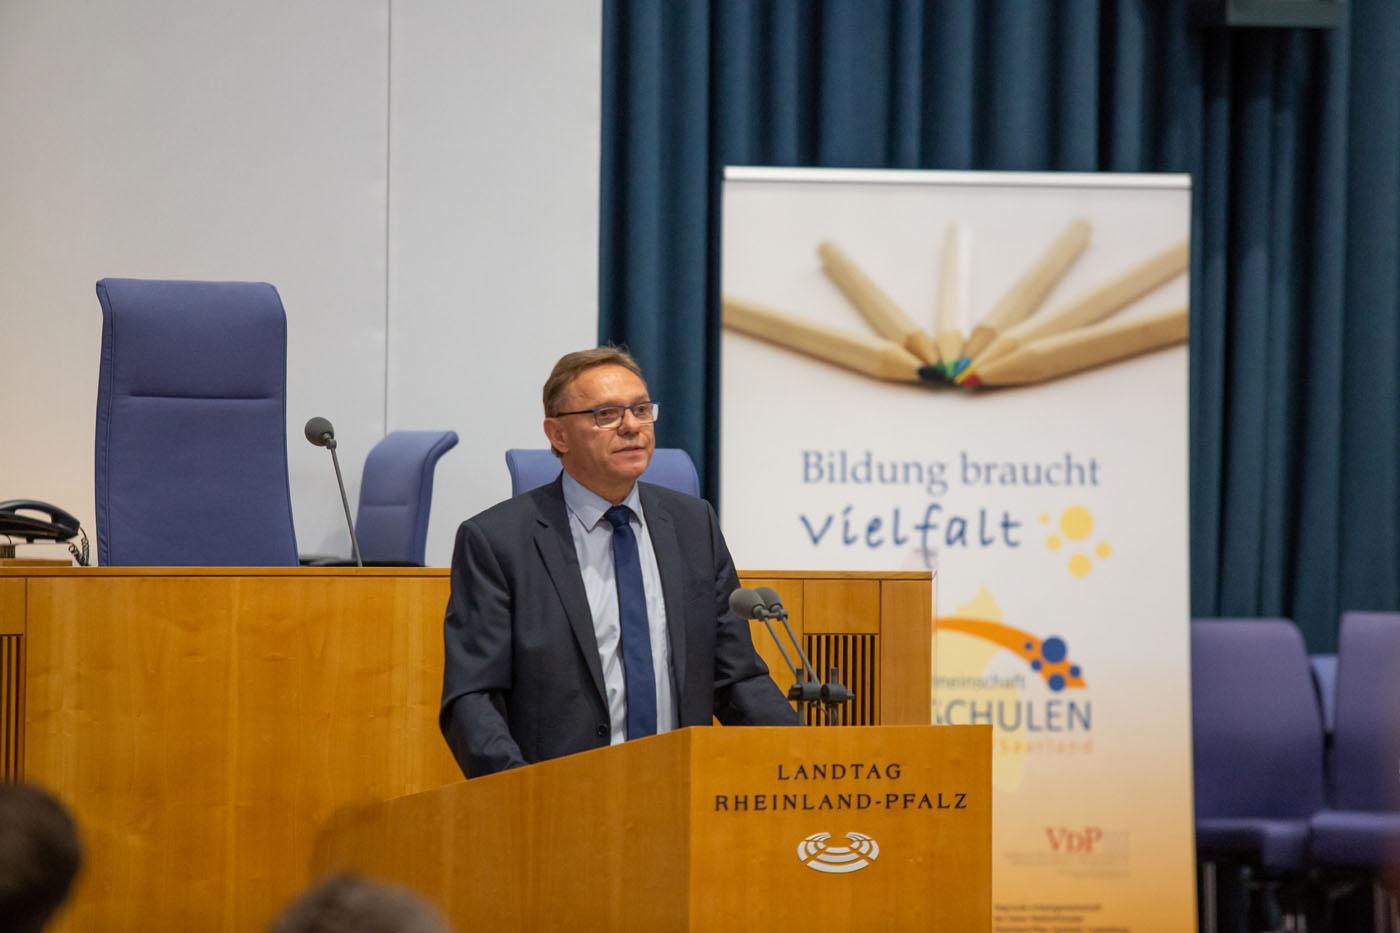 Grußwort von Bildungsstaatssekretär Hans Beckmann